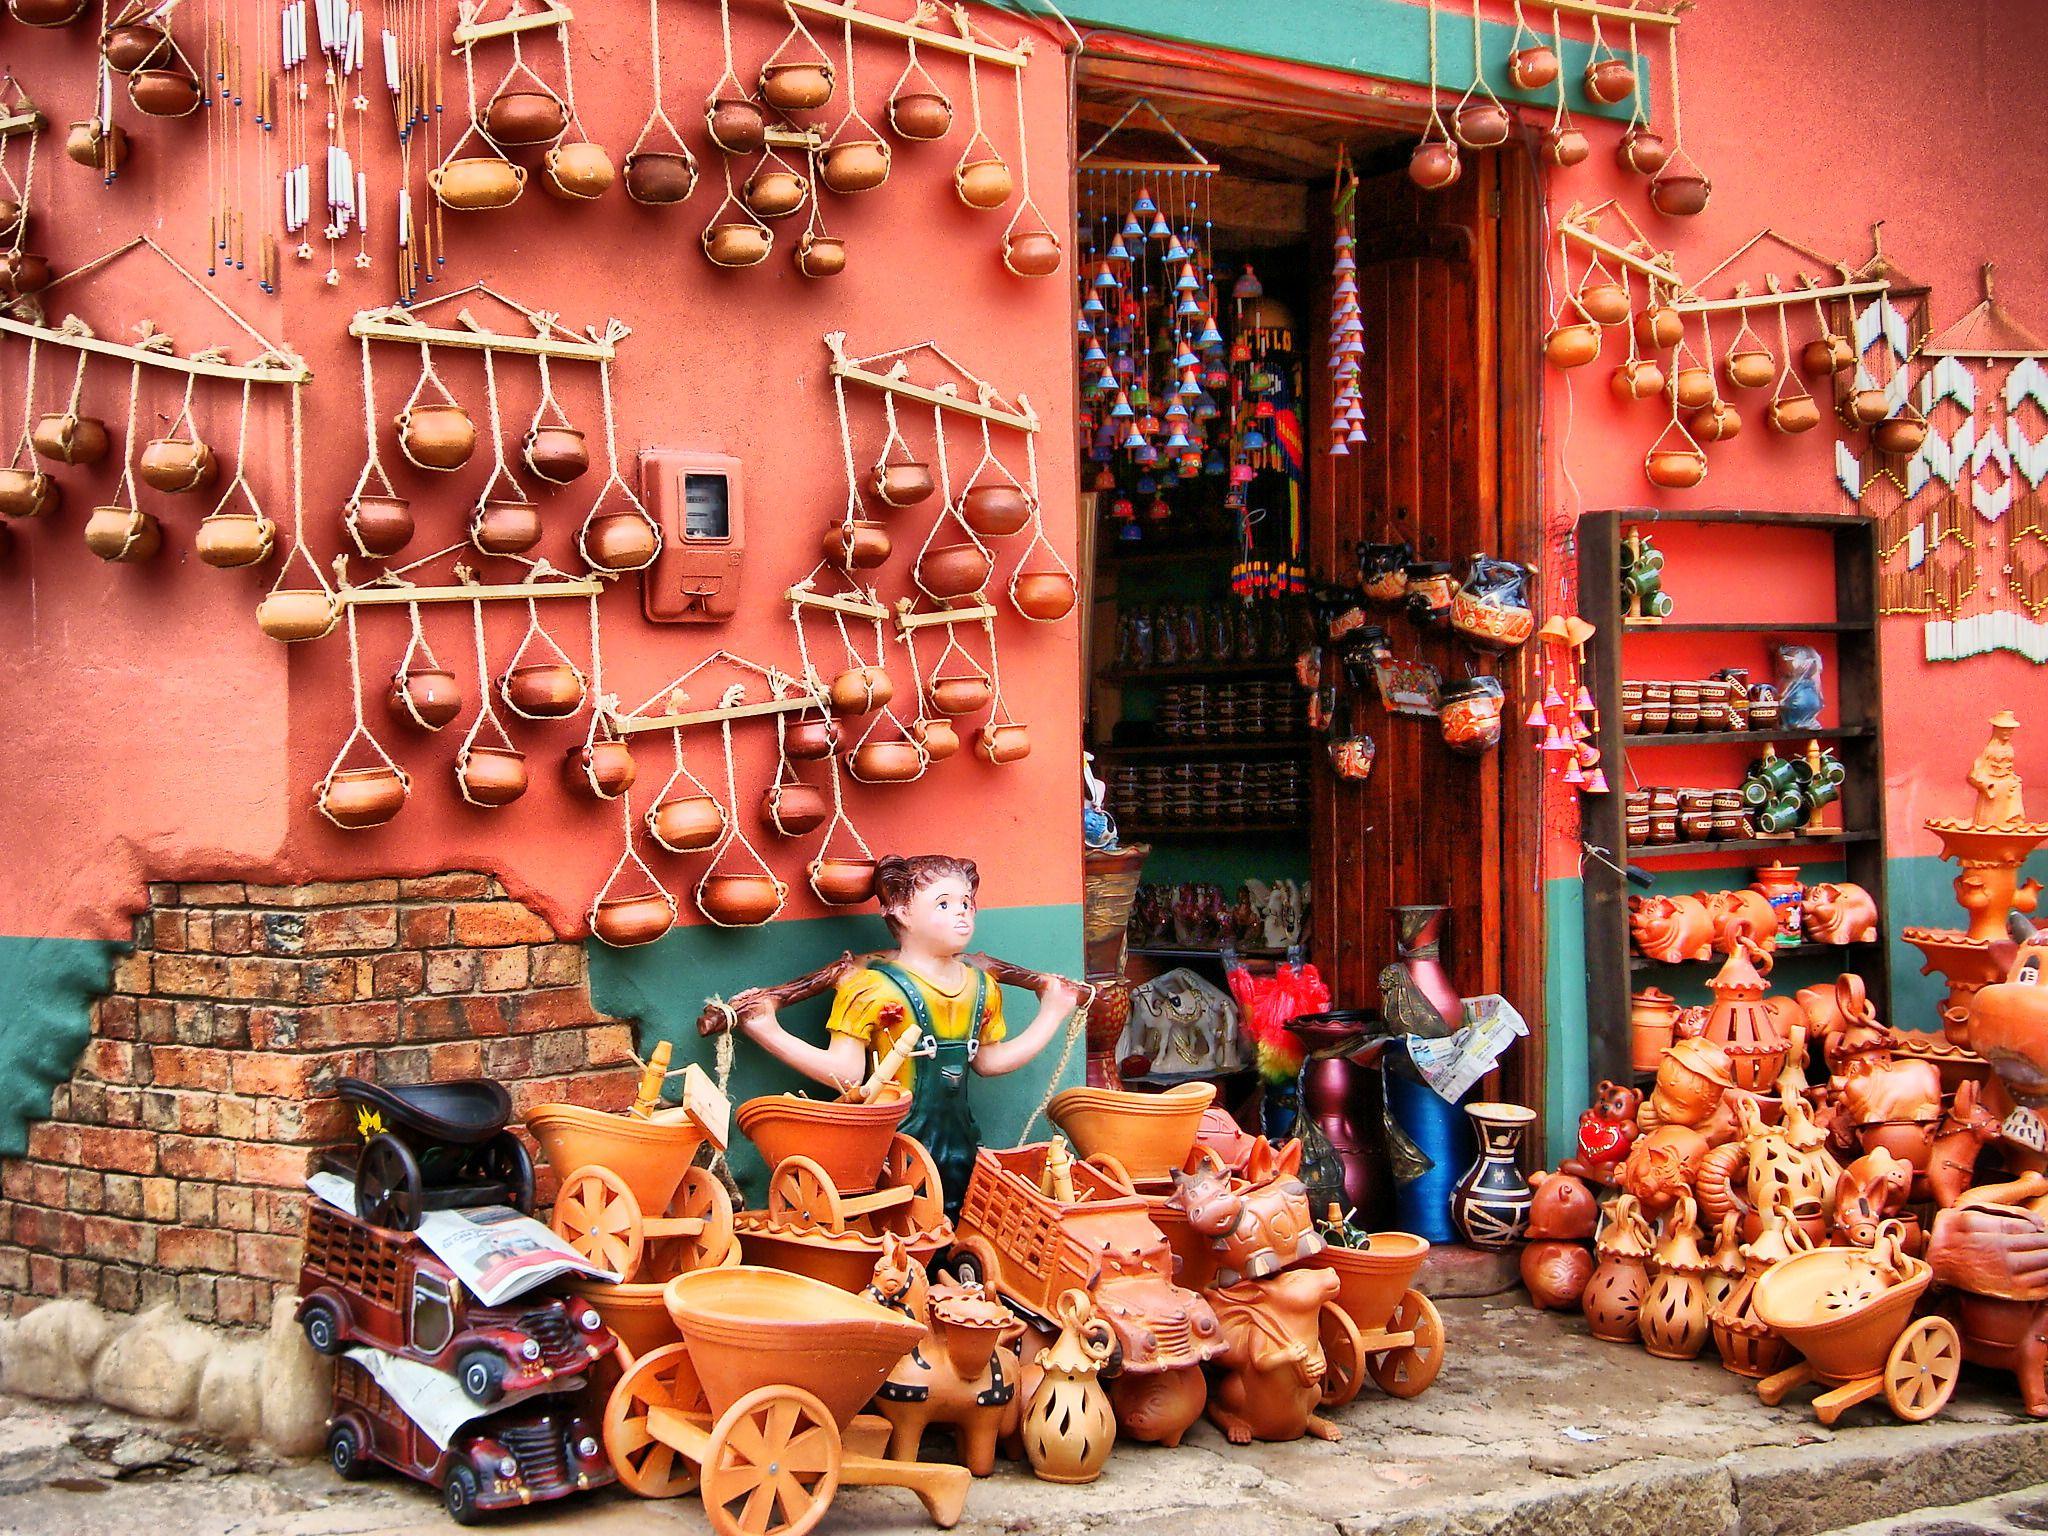 wall mercado de ventas de artesan a bogot colombia